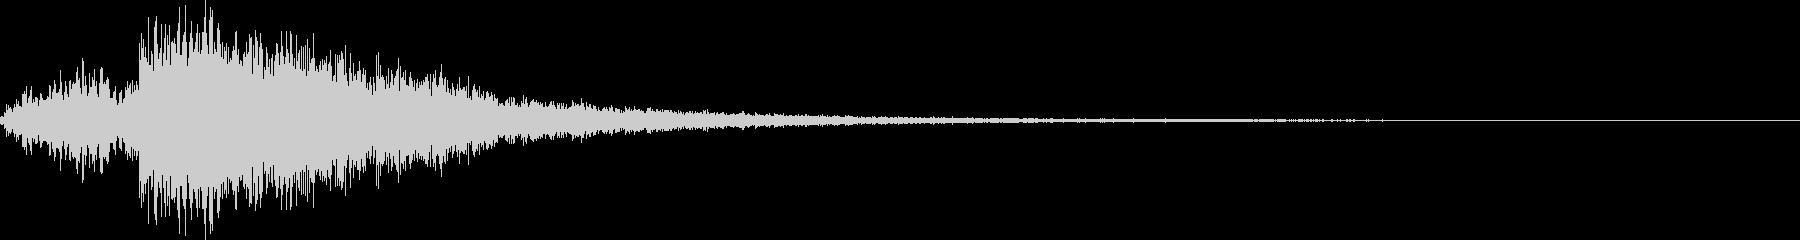 カキーン4(確定 ヒット音)の未再生の波形